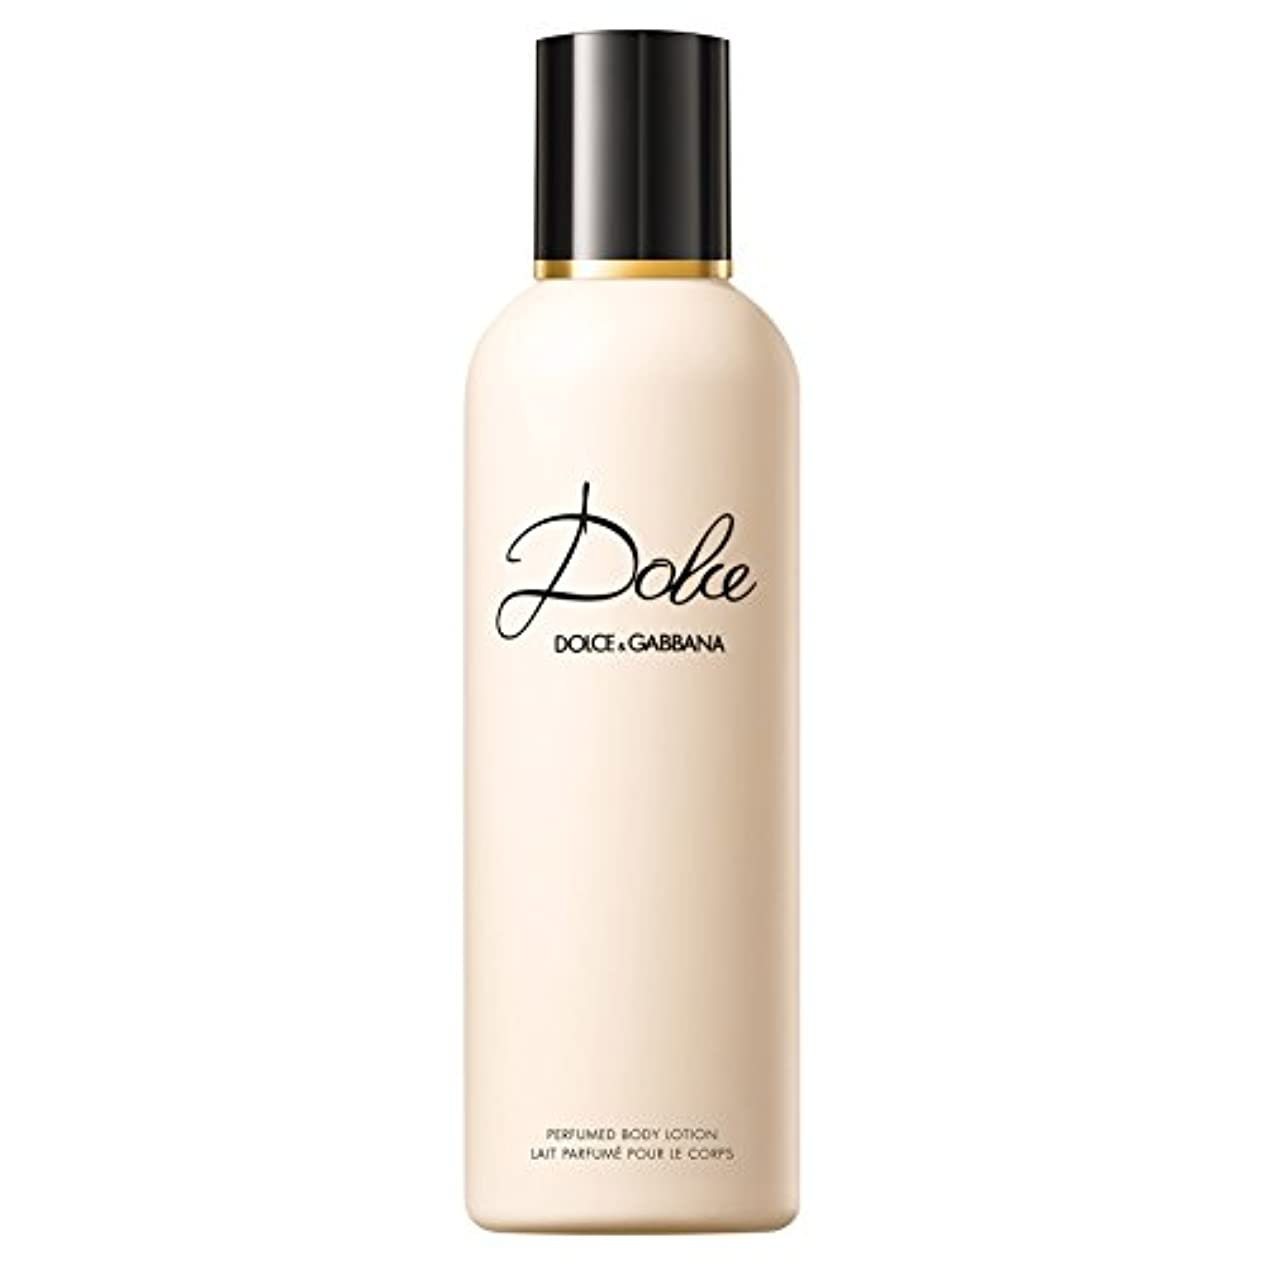 ドルベジタリアン買収ドルチェ&ガッバーナドルチェのボディローション200ミリリットル (Dolce & Gabbana) - Dolce & Gabbana Dolce Body Lotion 200ml [並行輸入品]